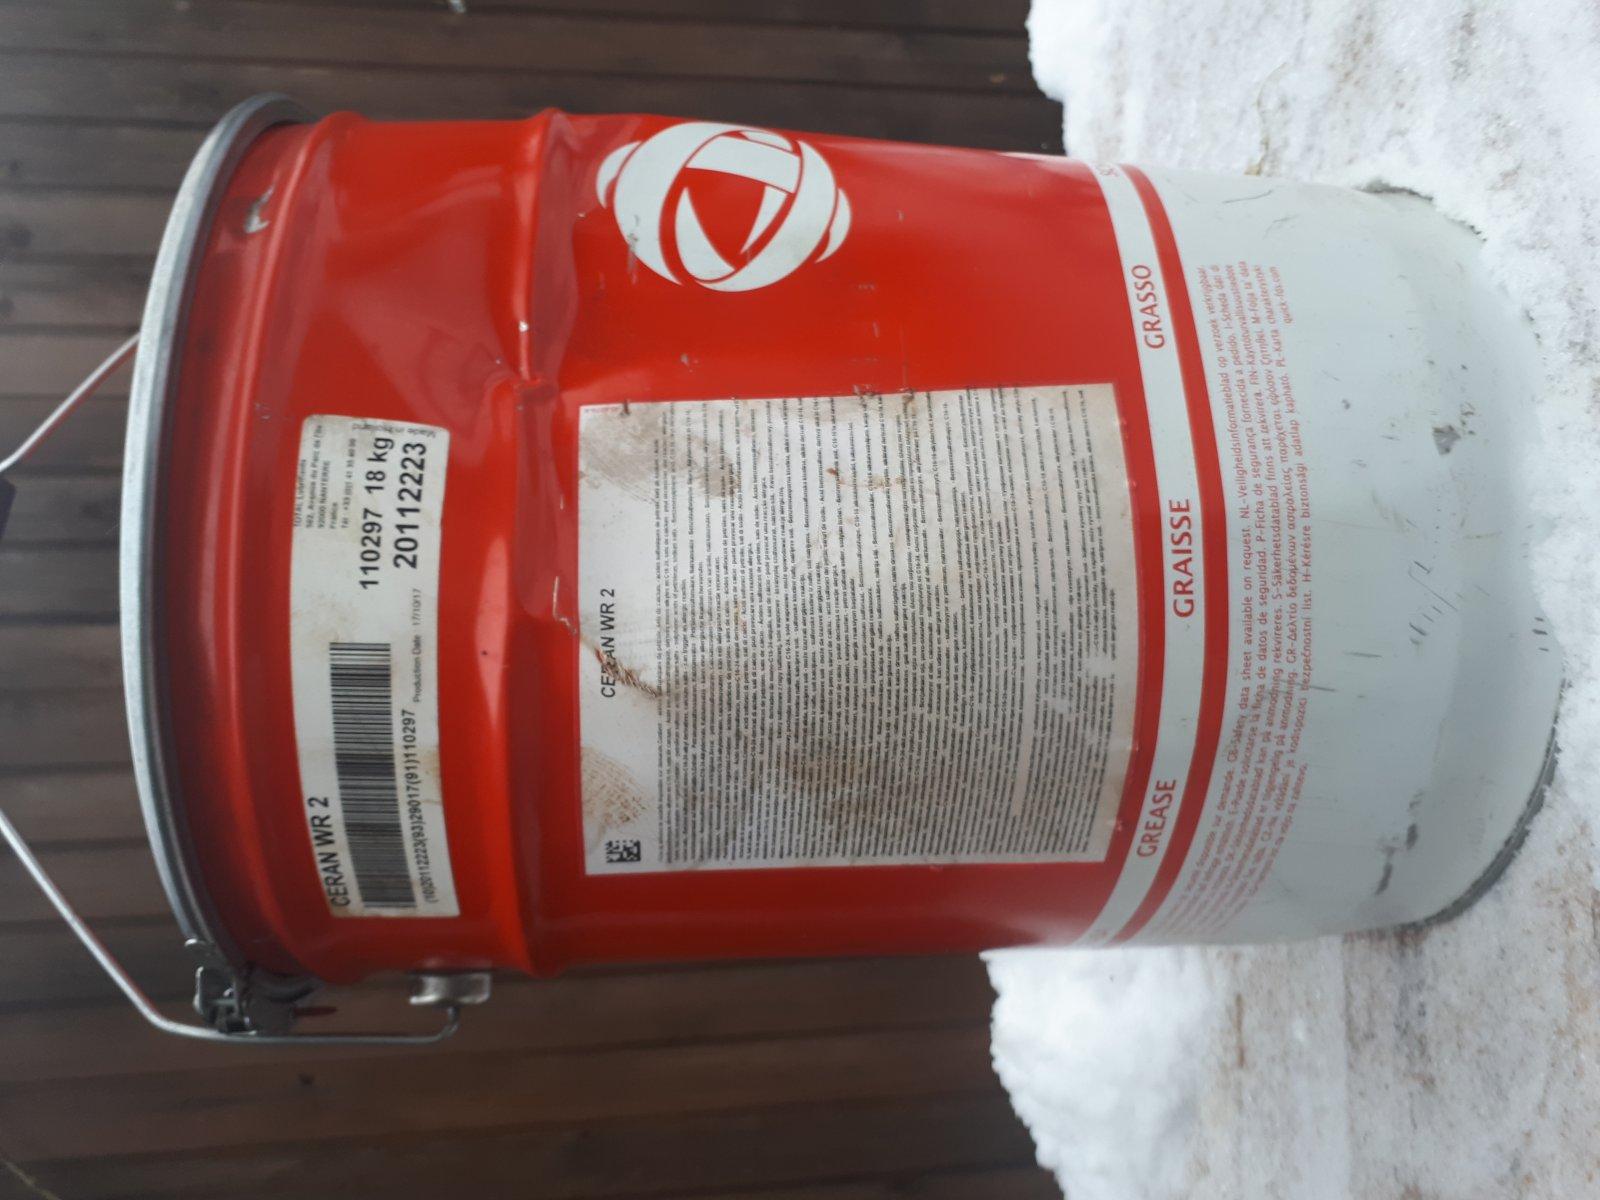 Смазка для tenga, Смазка для мастурбации Tenga Hole Lotion в Москве 5 фотография